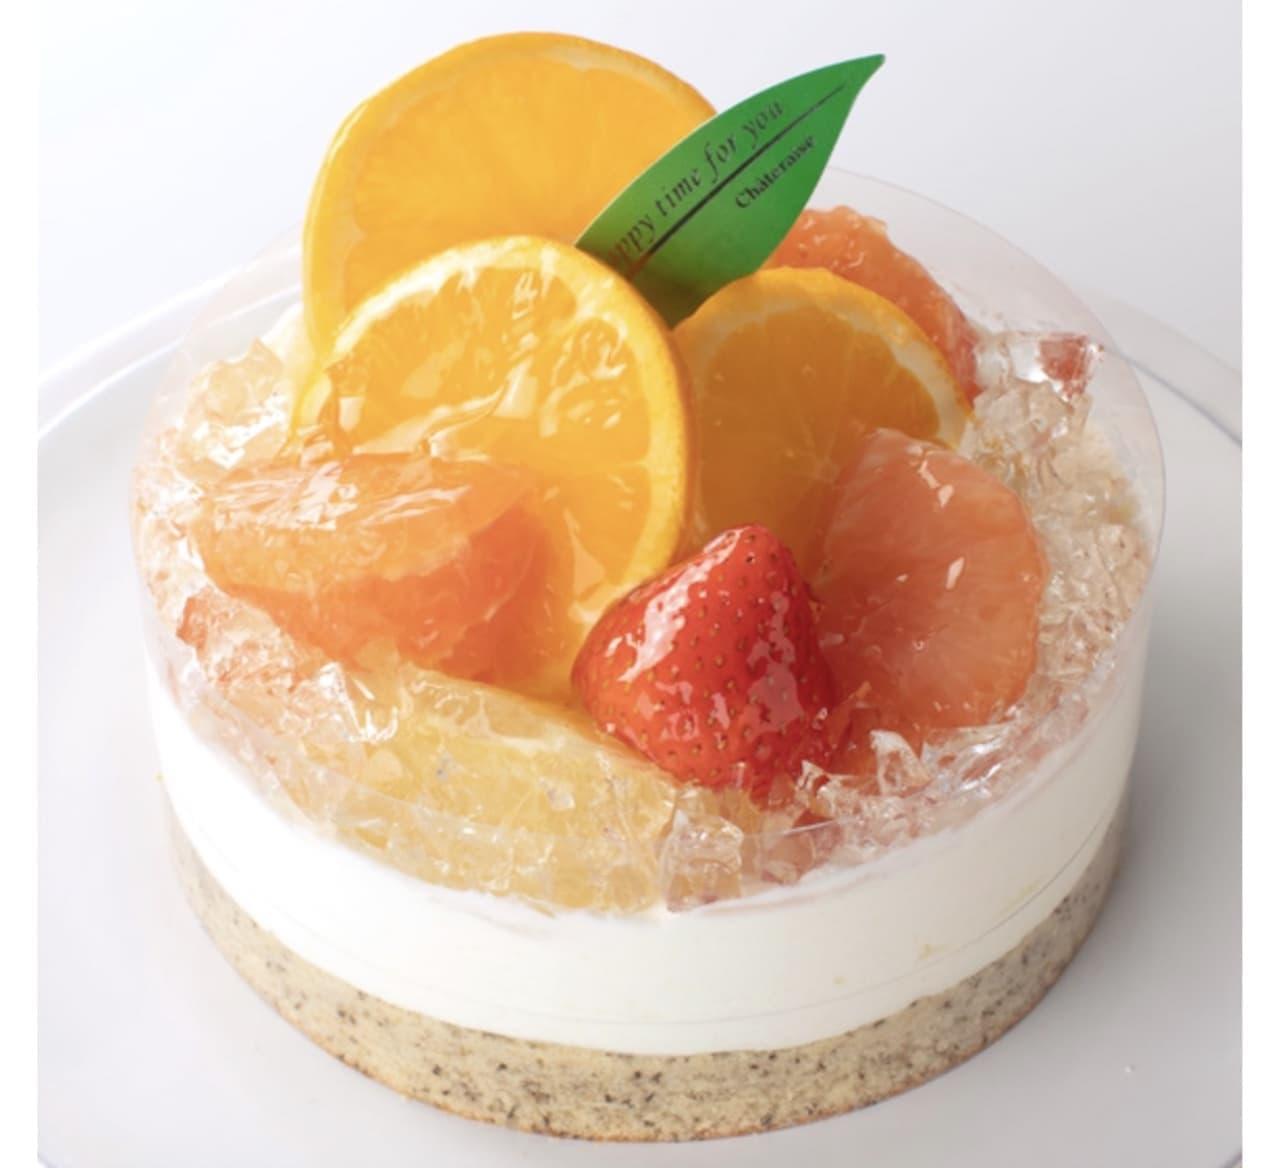 シャトレーゼ「柑橘のレアチーズデコレーション」